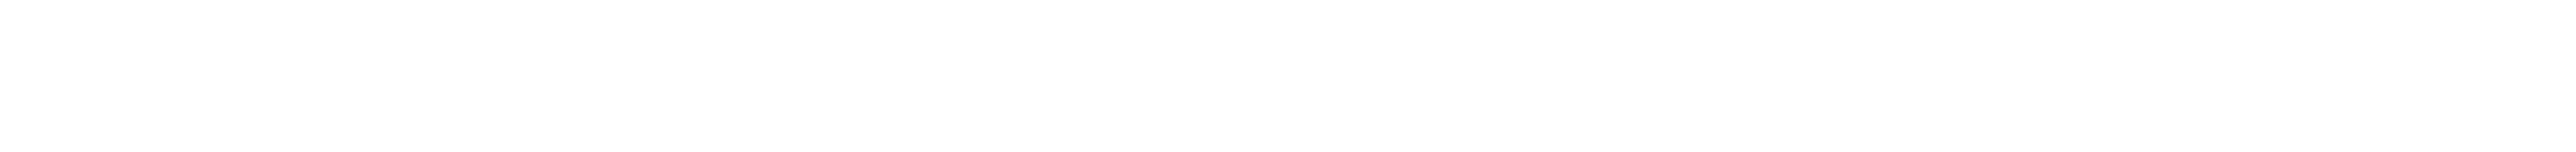 edges-1